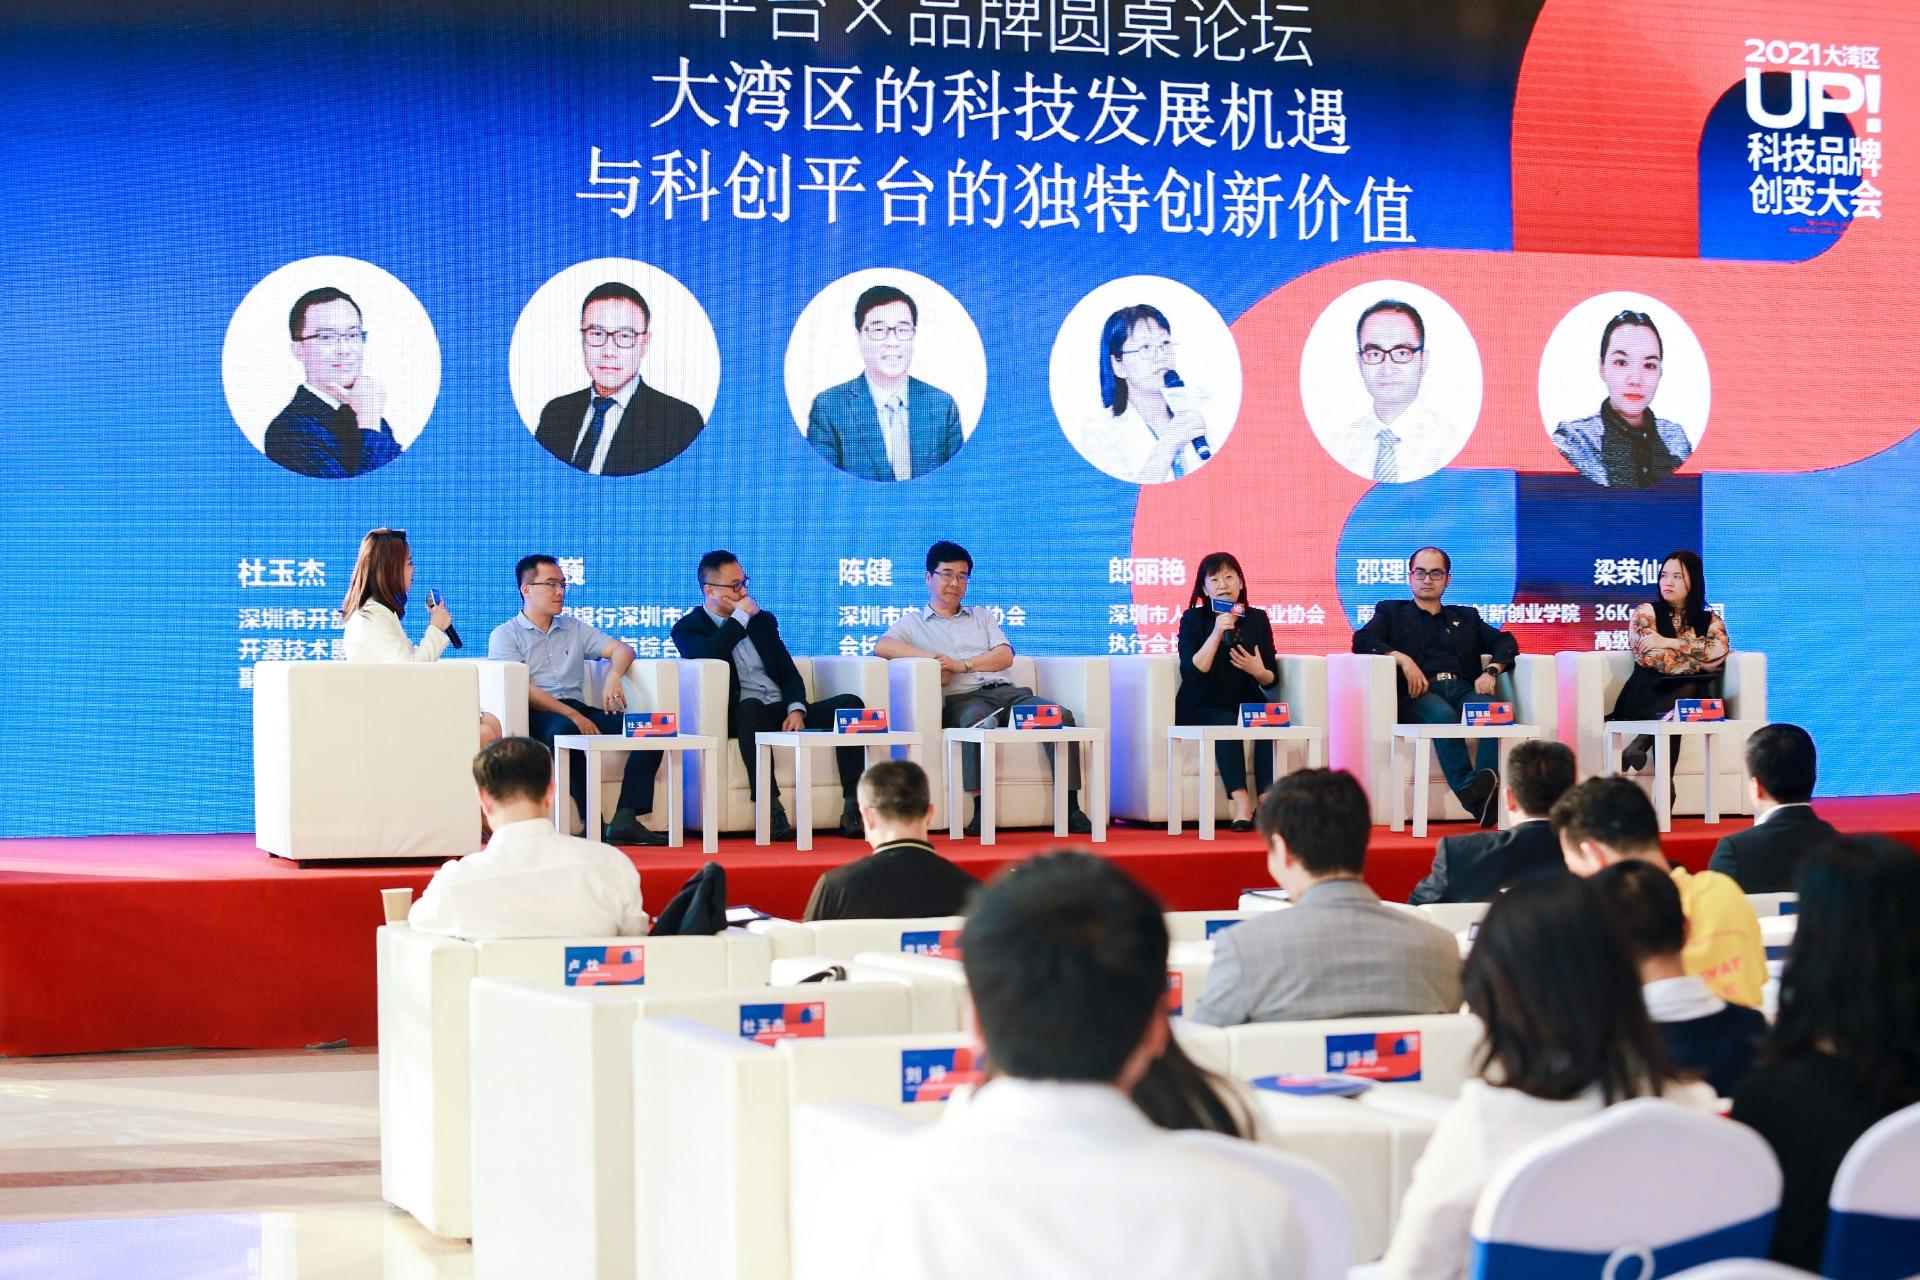 快讯 | 华奥系科技受邀参加湾区科技品牌创变大会